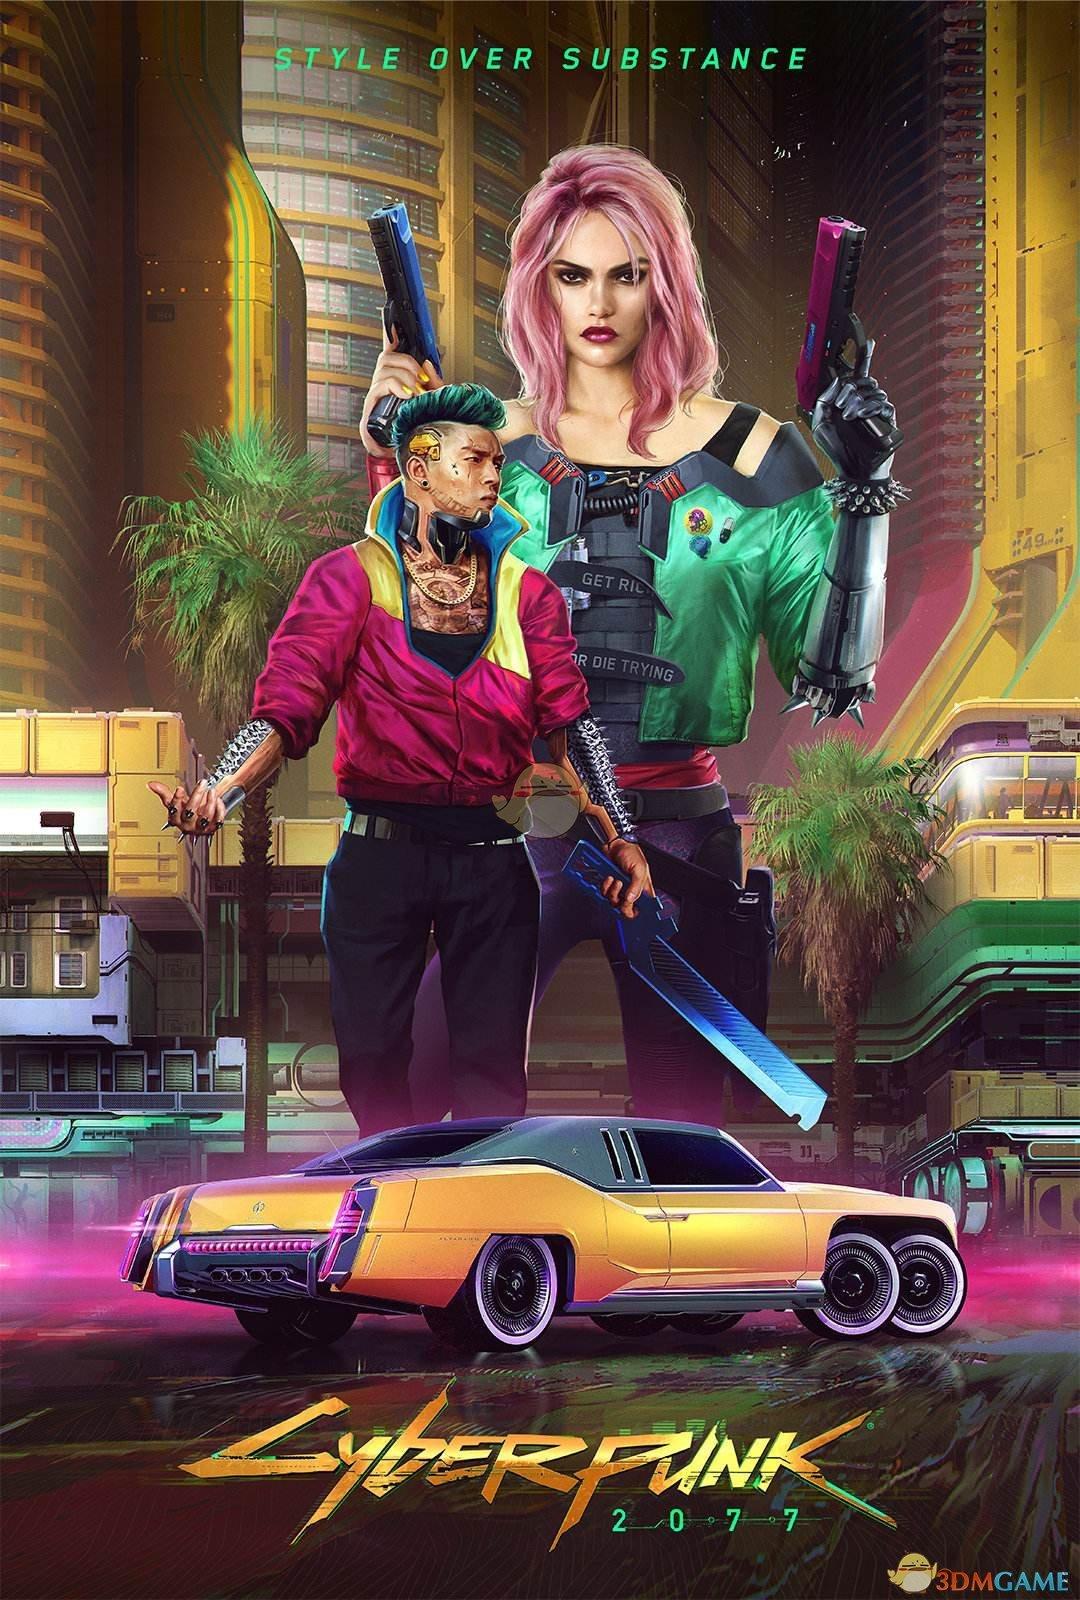 《赛博朋克2077》游戏海报整合包